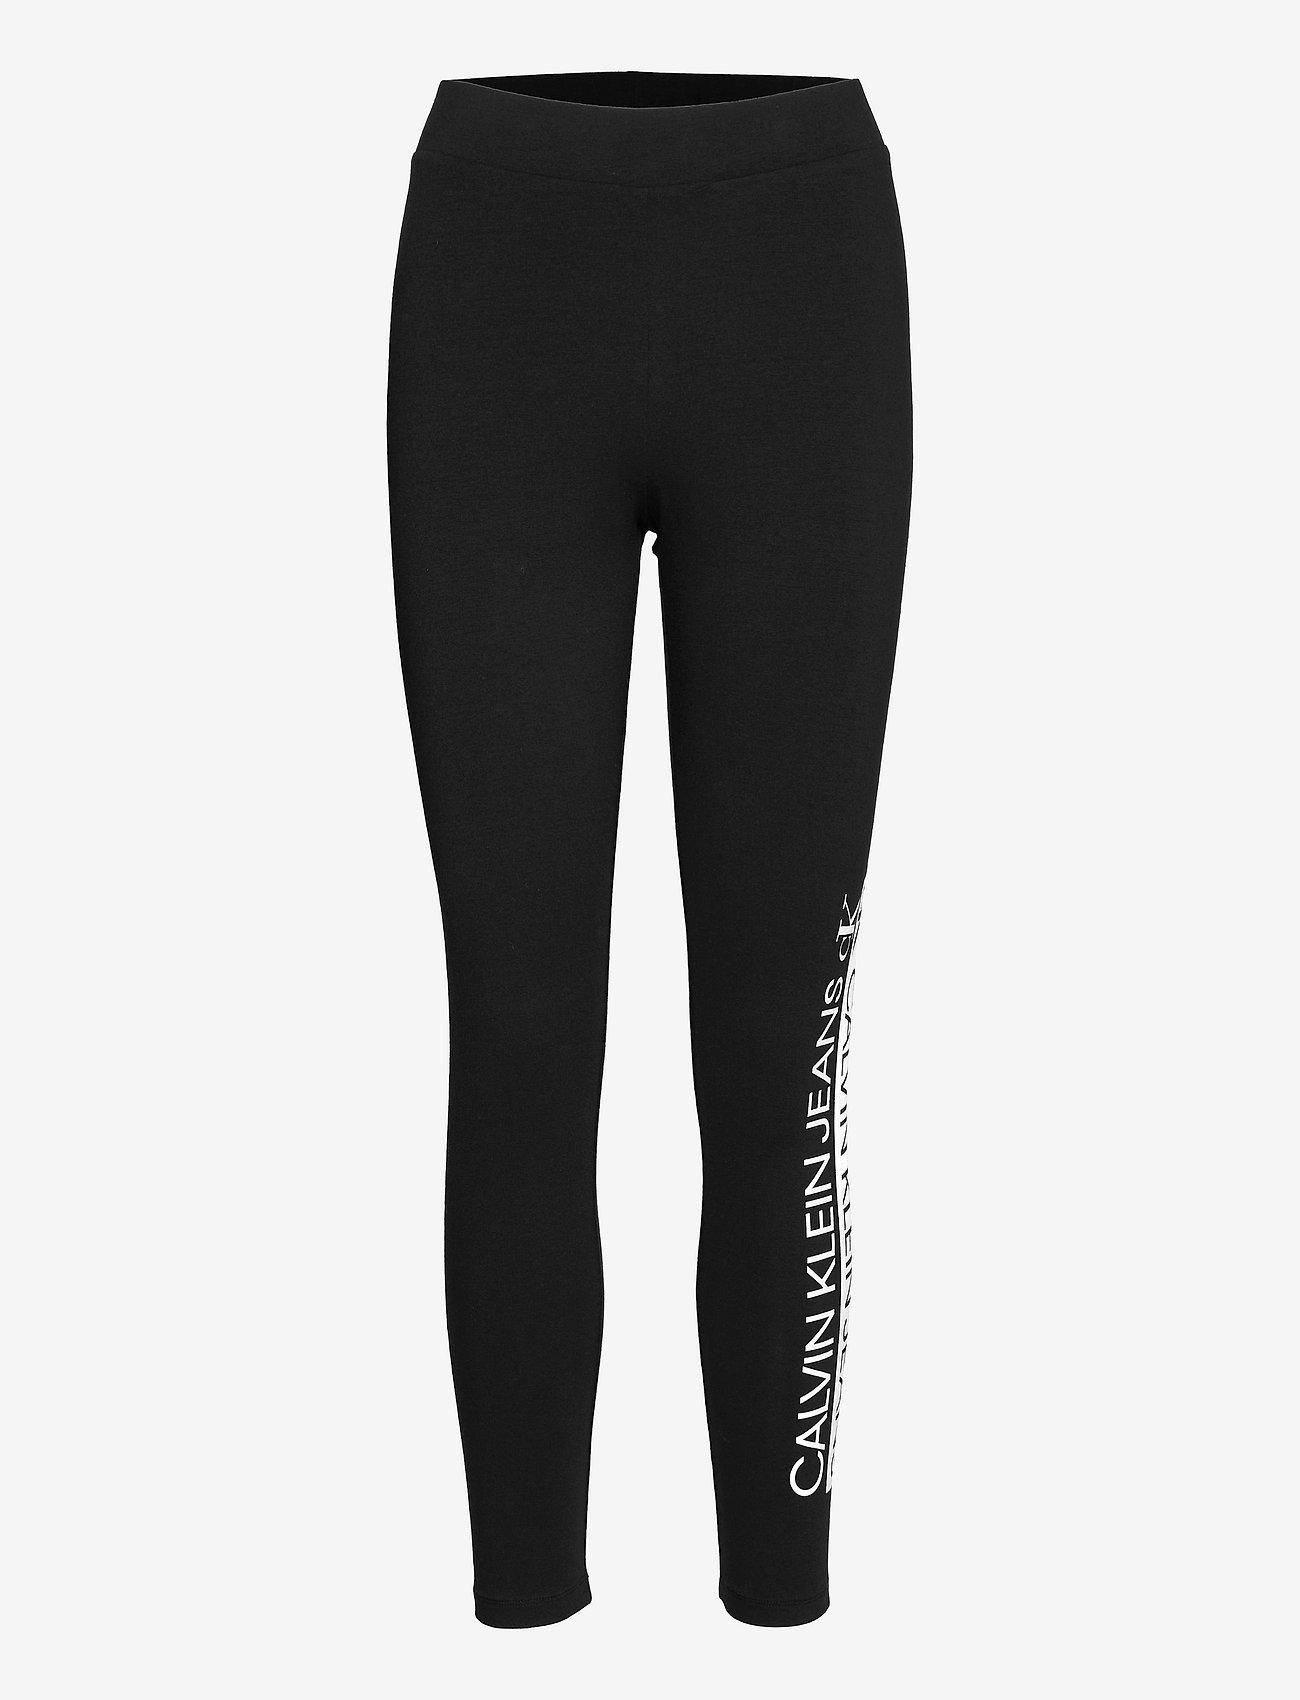 Calvin Klein Jeans - MIRRORED LOGO LEGGING - leggings - ck black - 0